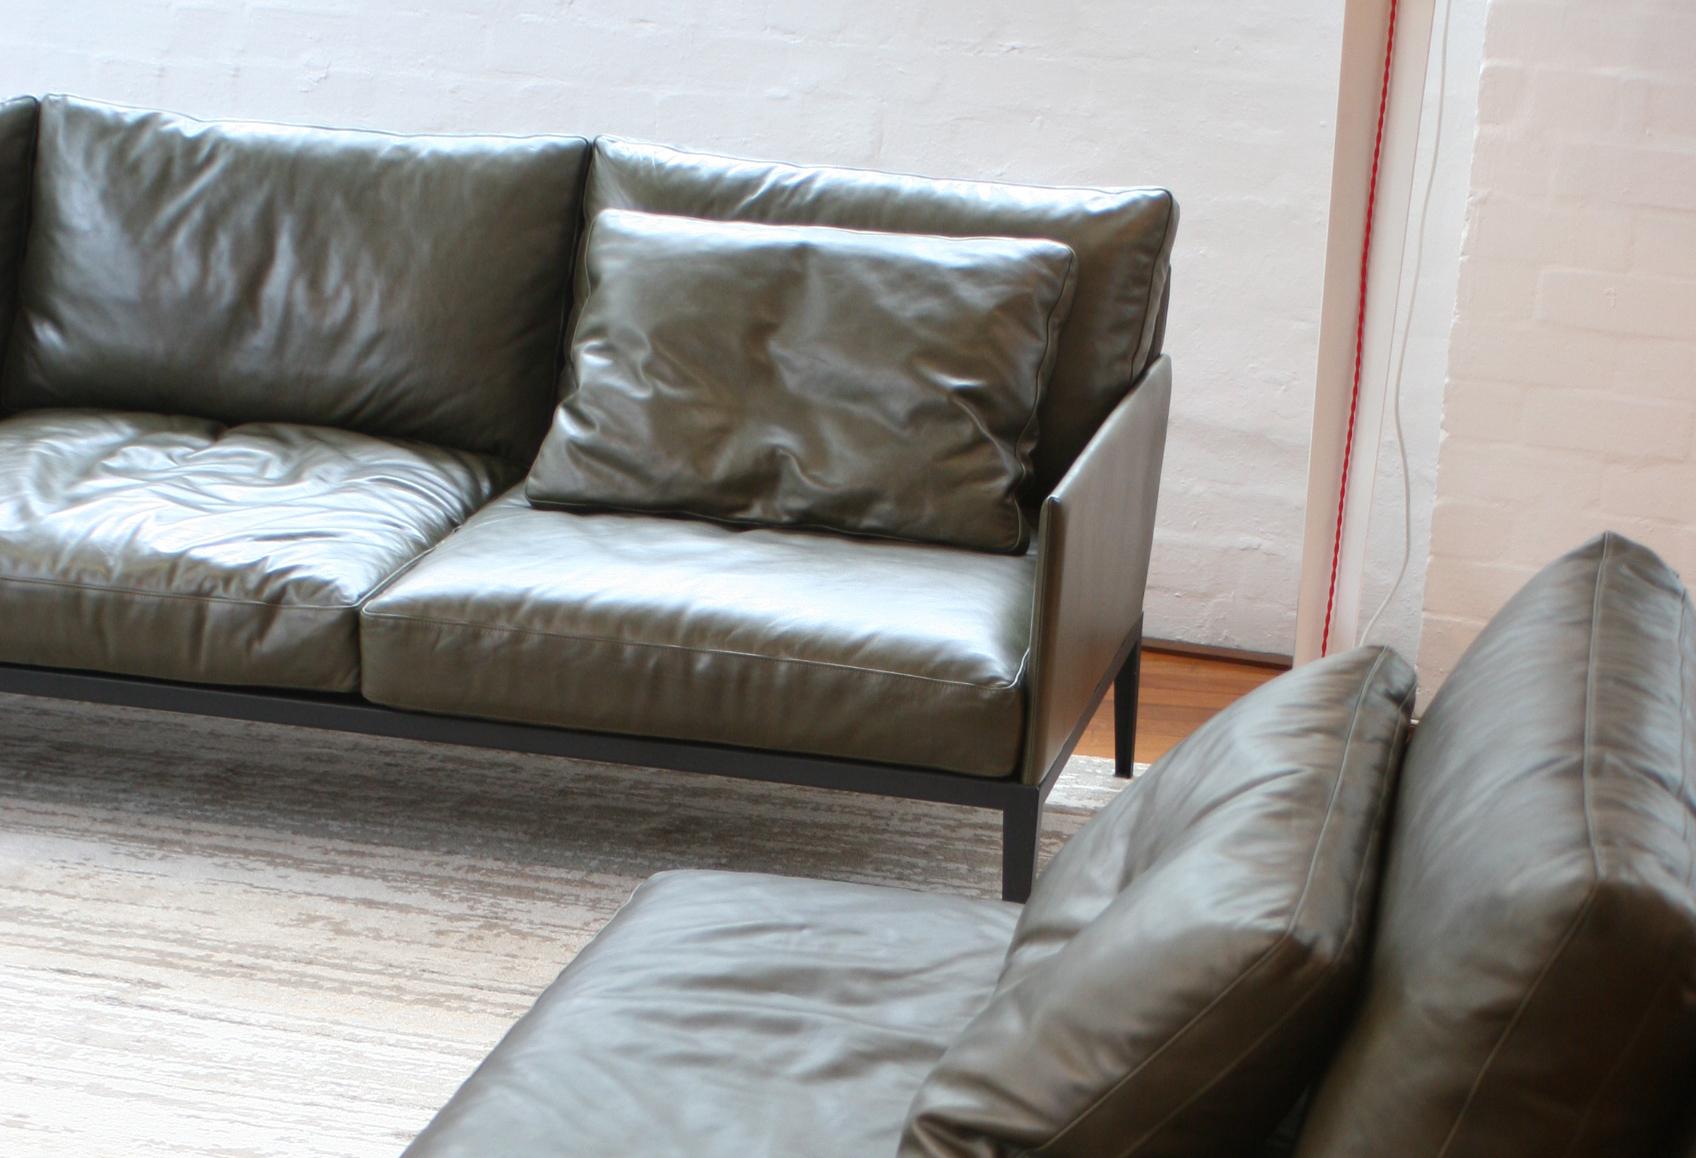 liaison sofa by Cameron Foggo6.jpg